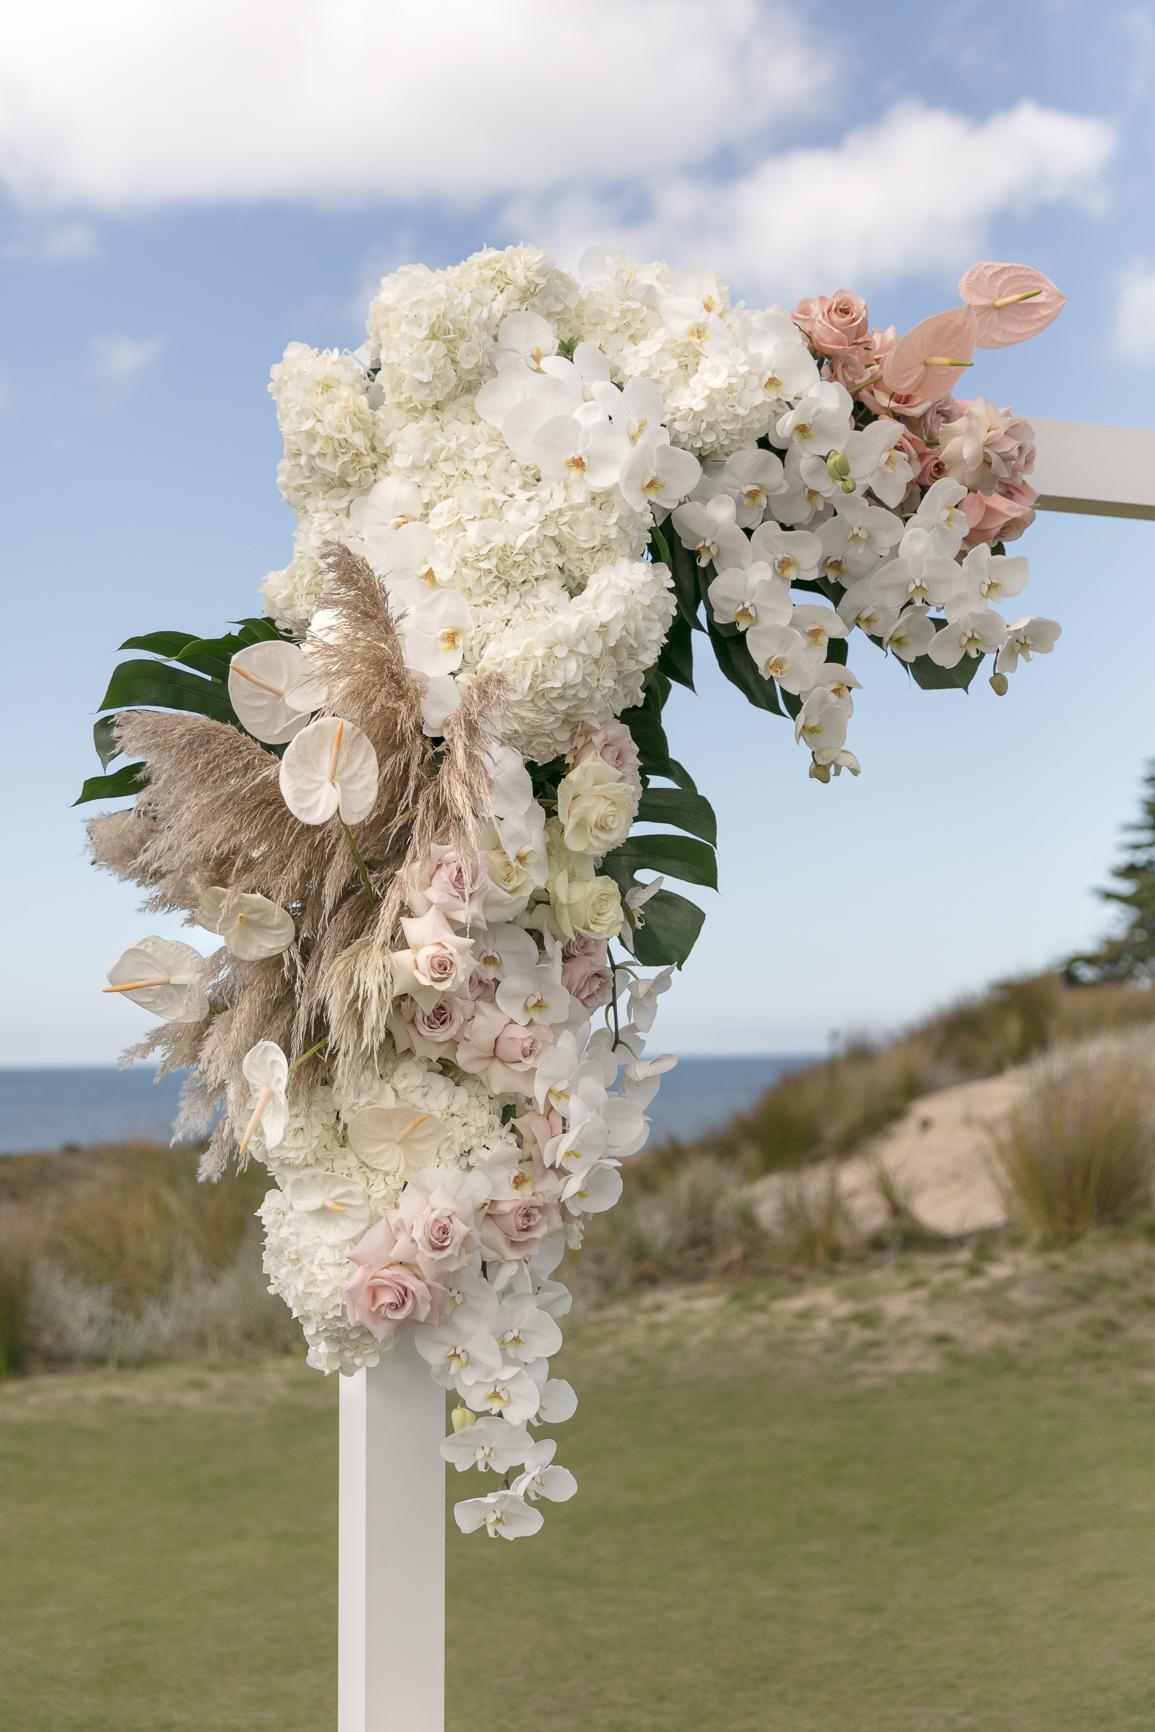 ©MichelleWeir-Blush-TaraIti-Wedding-72dpi-035.jpg